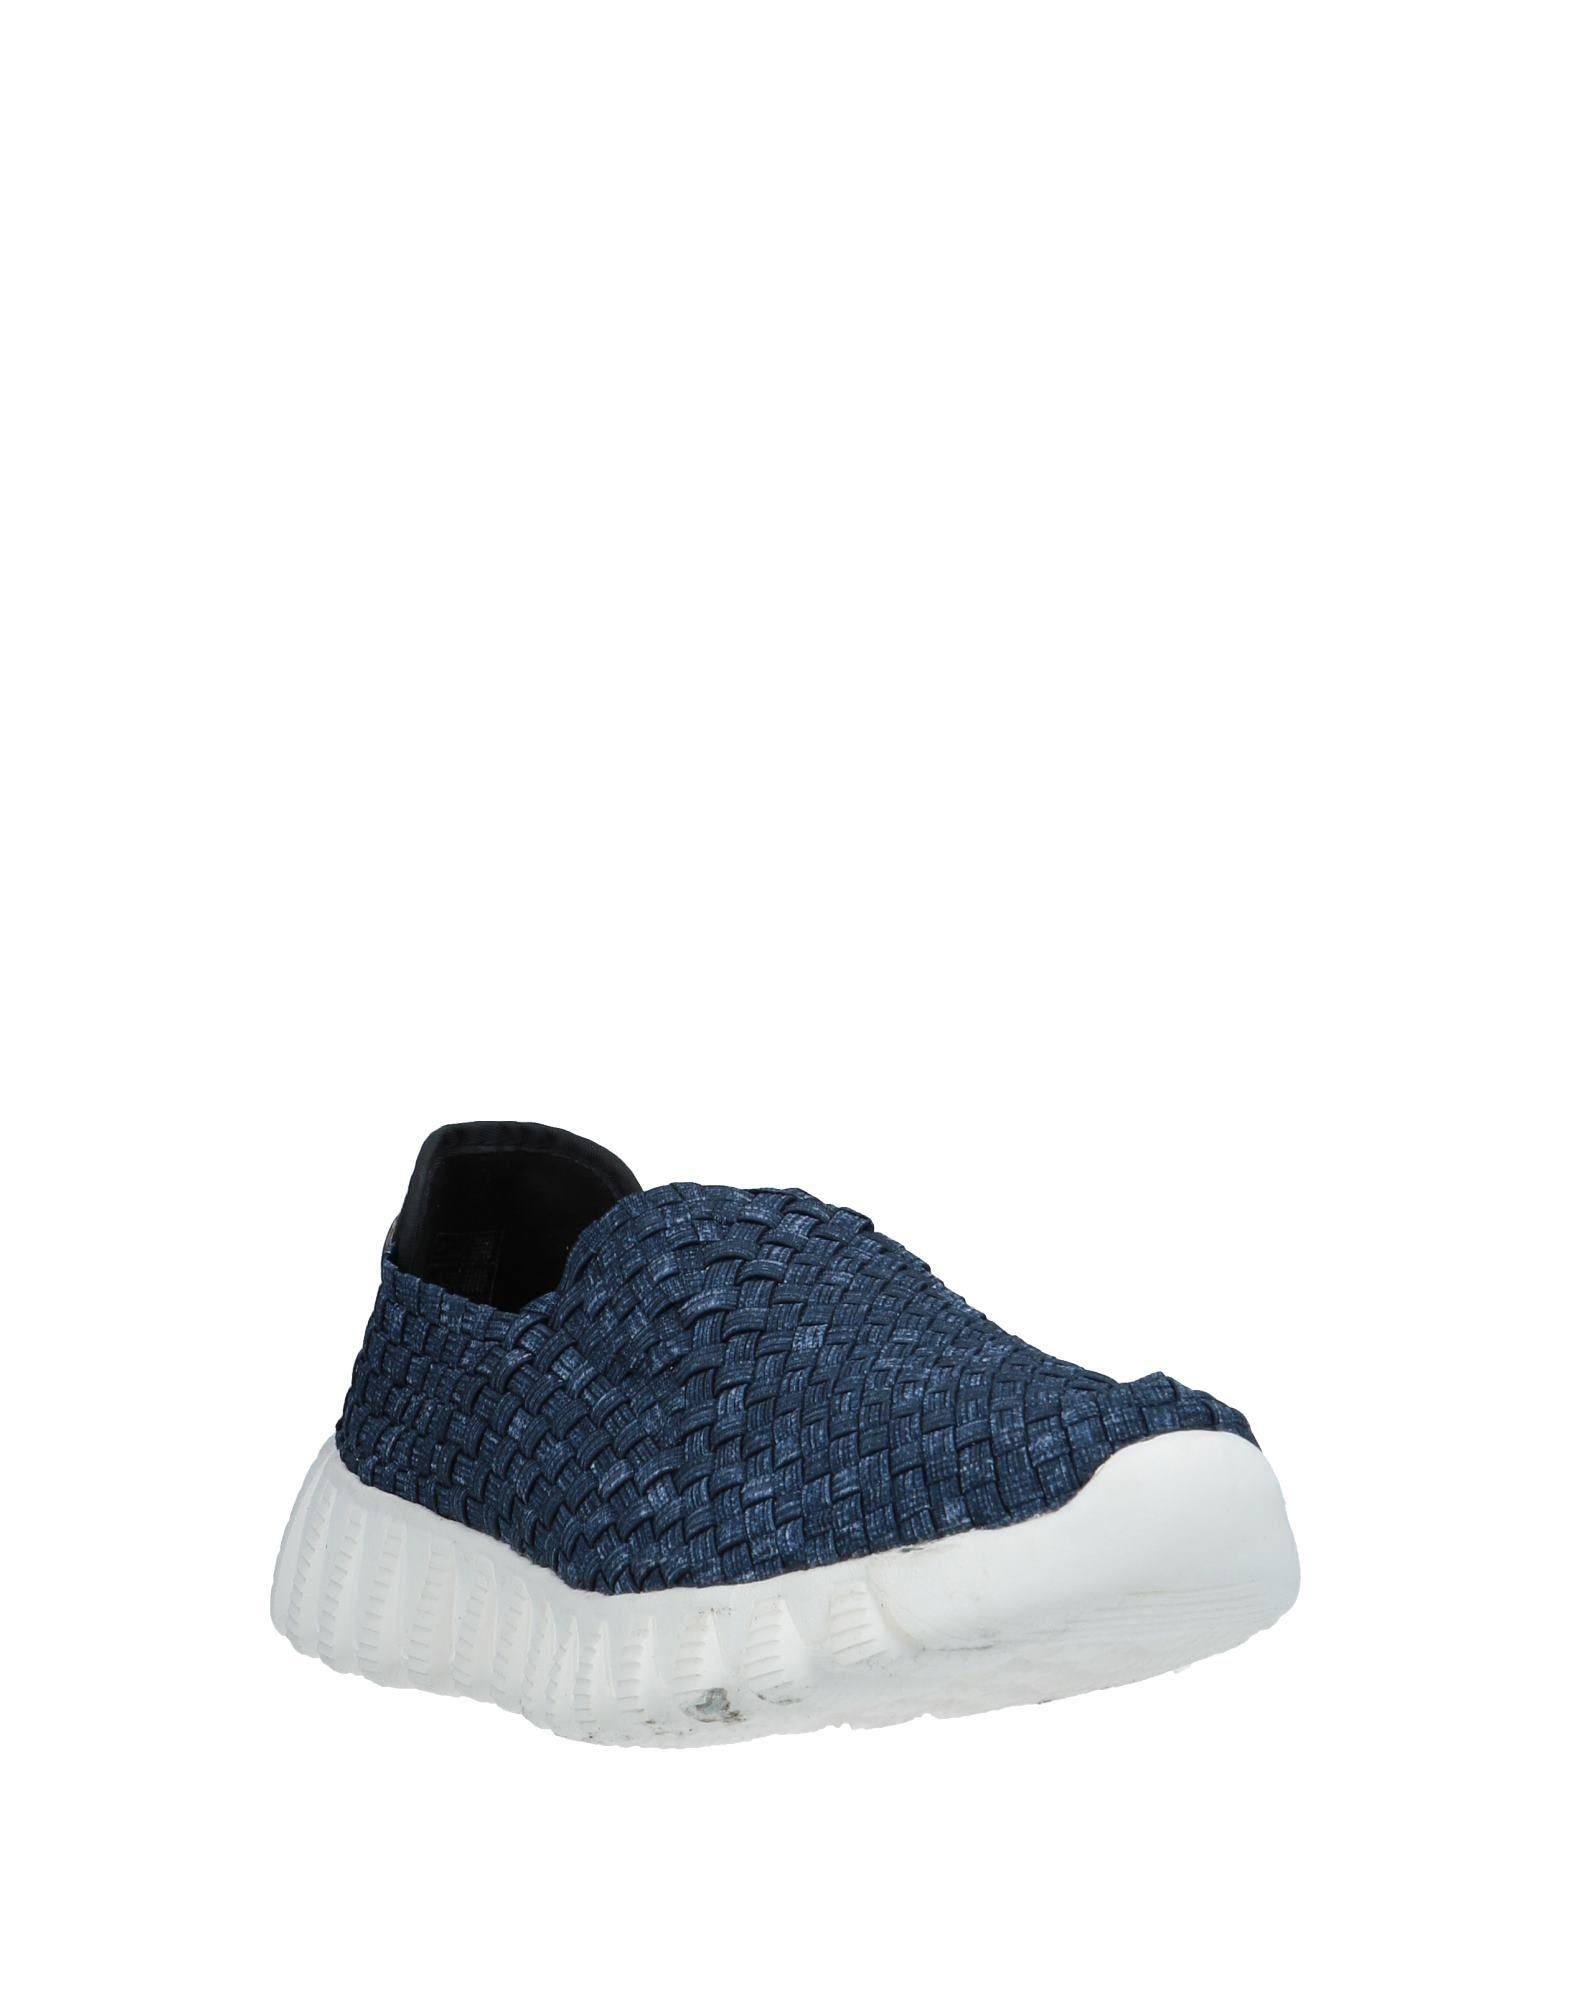 b43c467adf65 Sneakers - Women Bernie Mev. Sneakers online online online on United  Kingdom ...